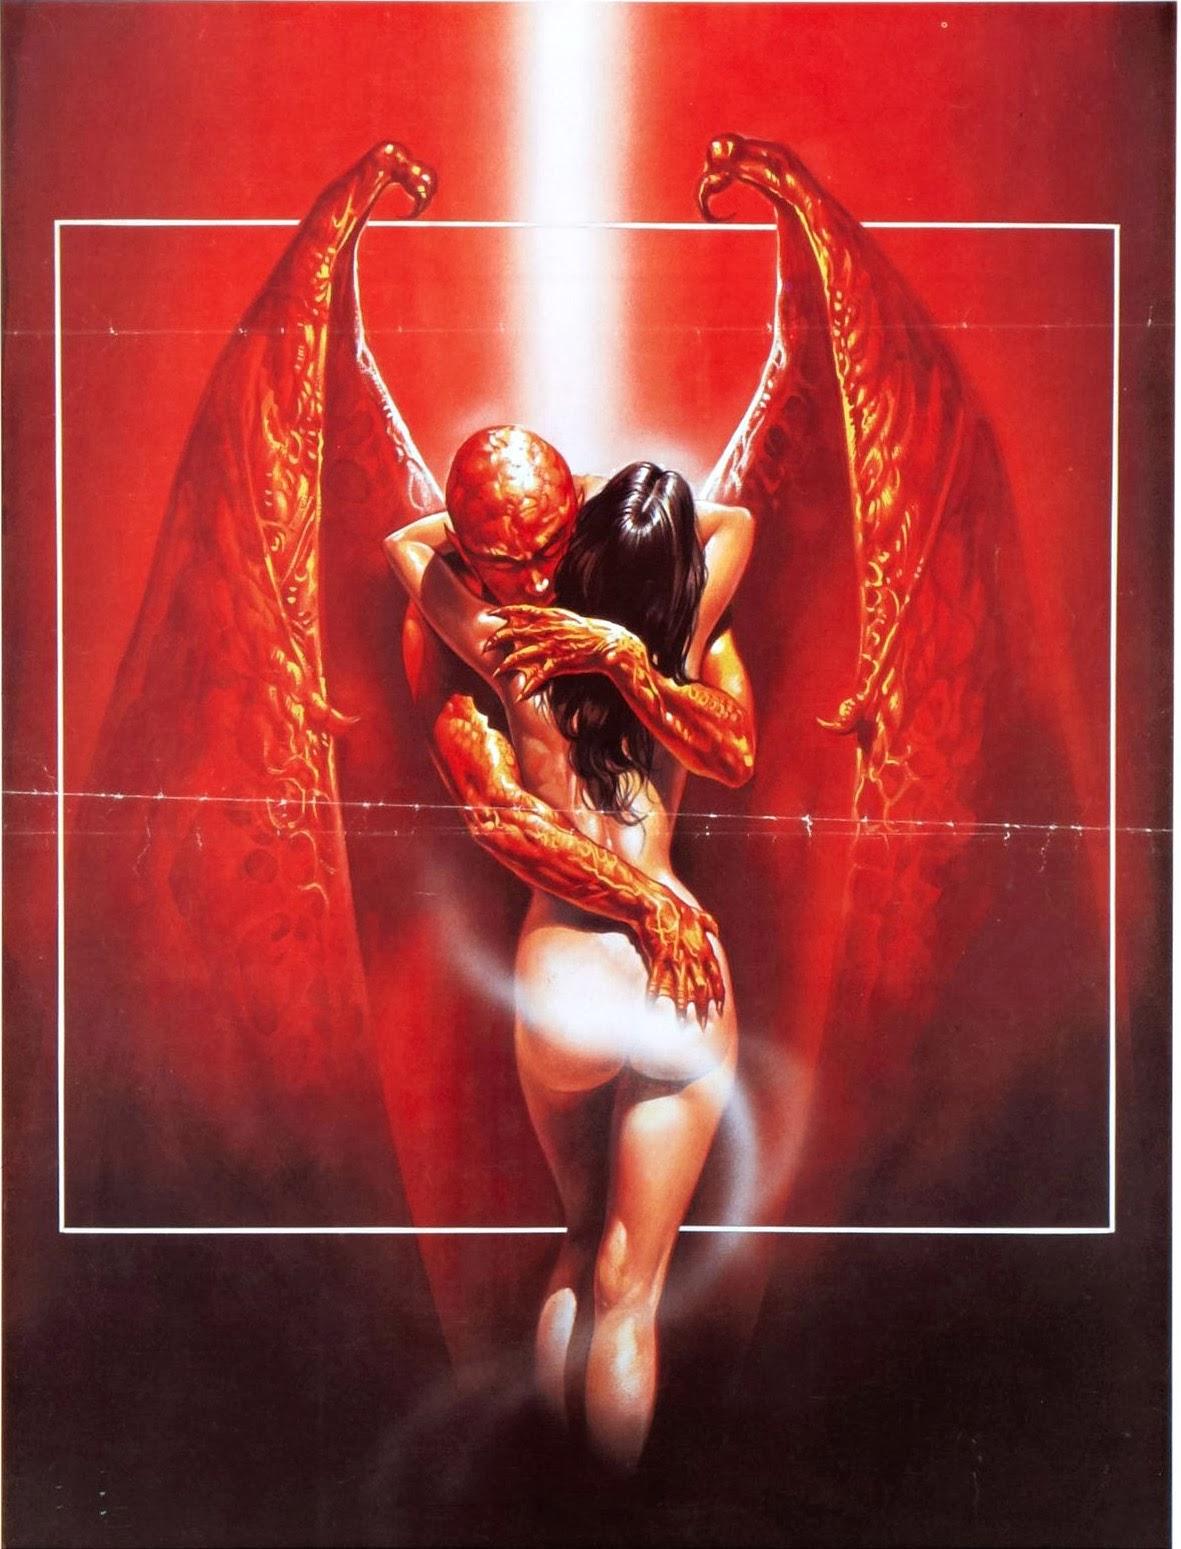 С видео дьяволом секс фильм